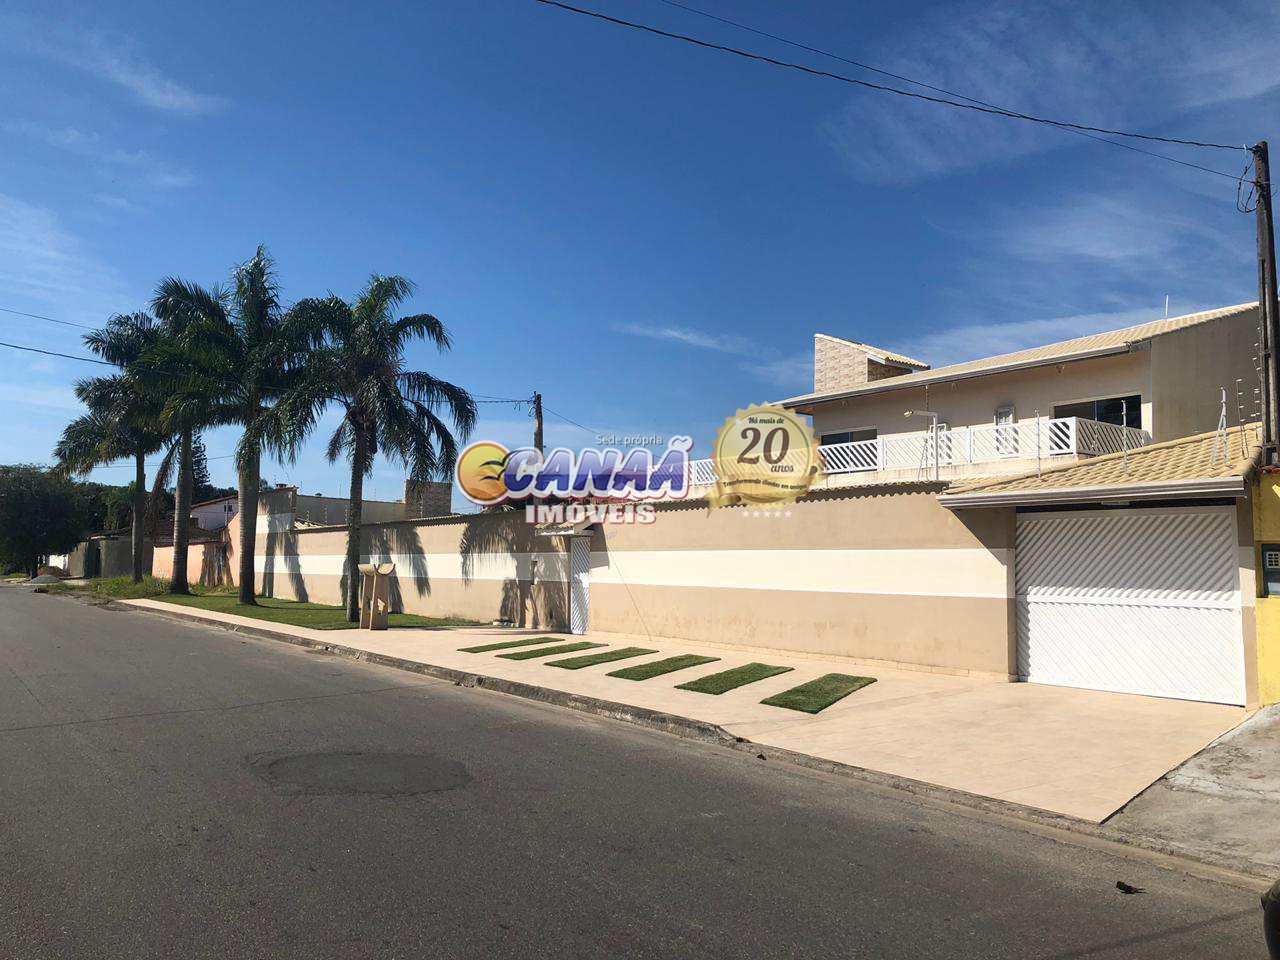 Casa com 3 dormitórios em Itanhaém R$ 650 mil -  Cod: 7372